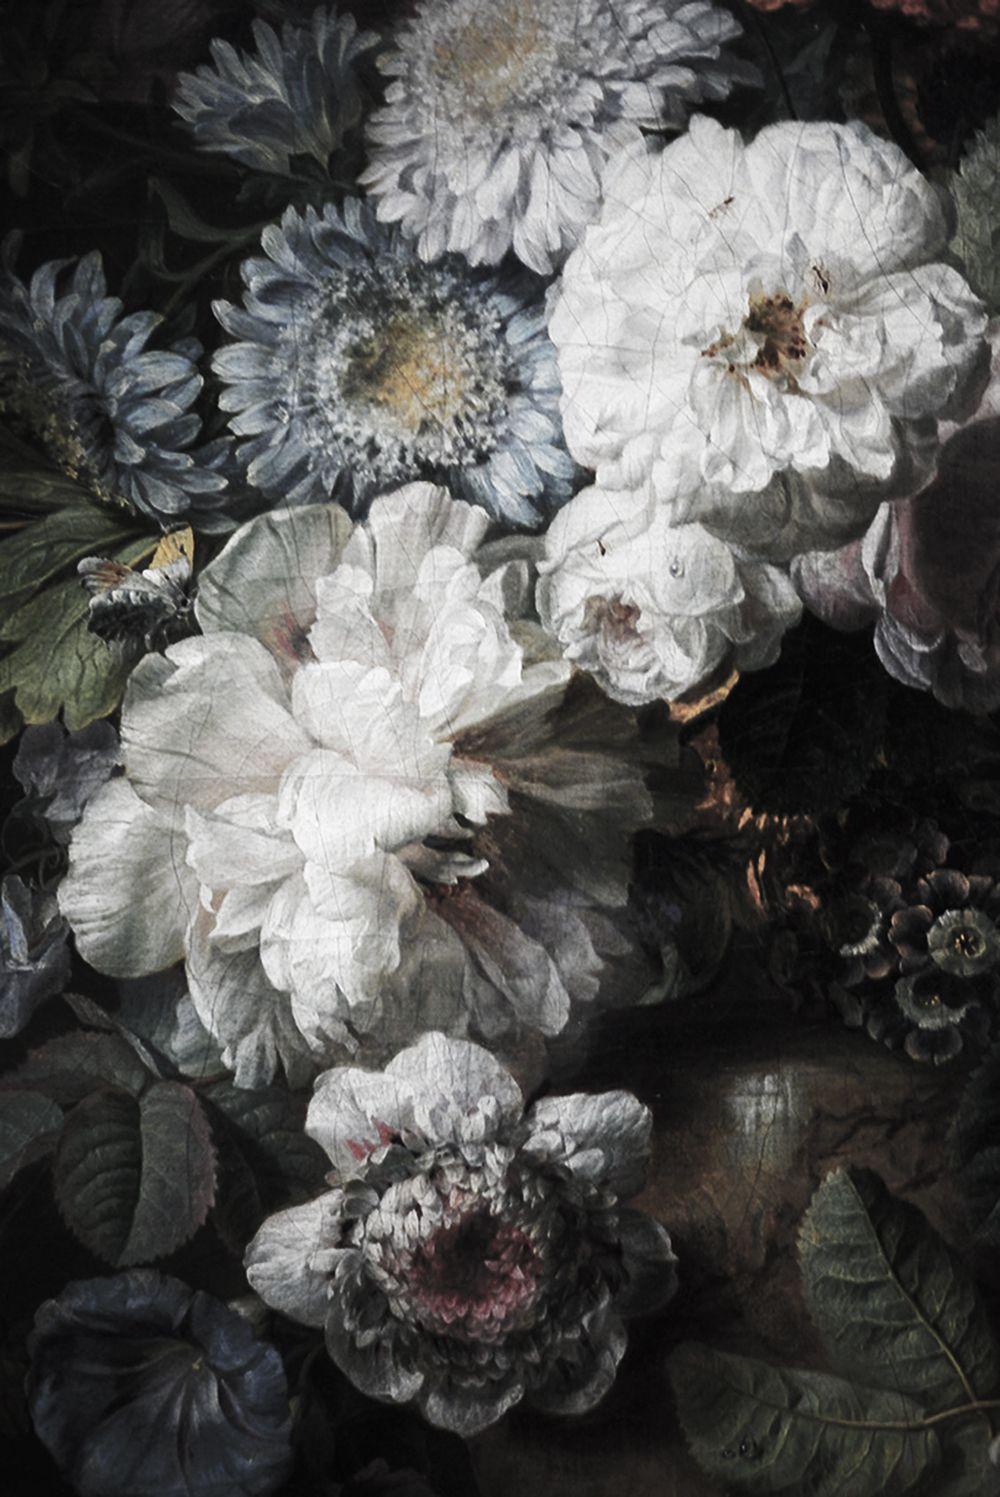 Dark Floral Mural Wallpaper Vintage Illustration